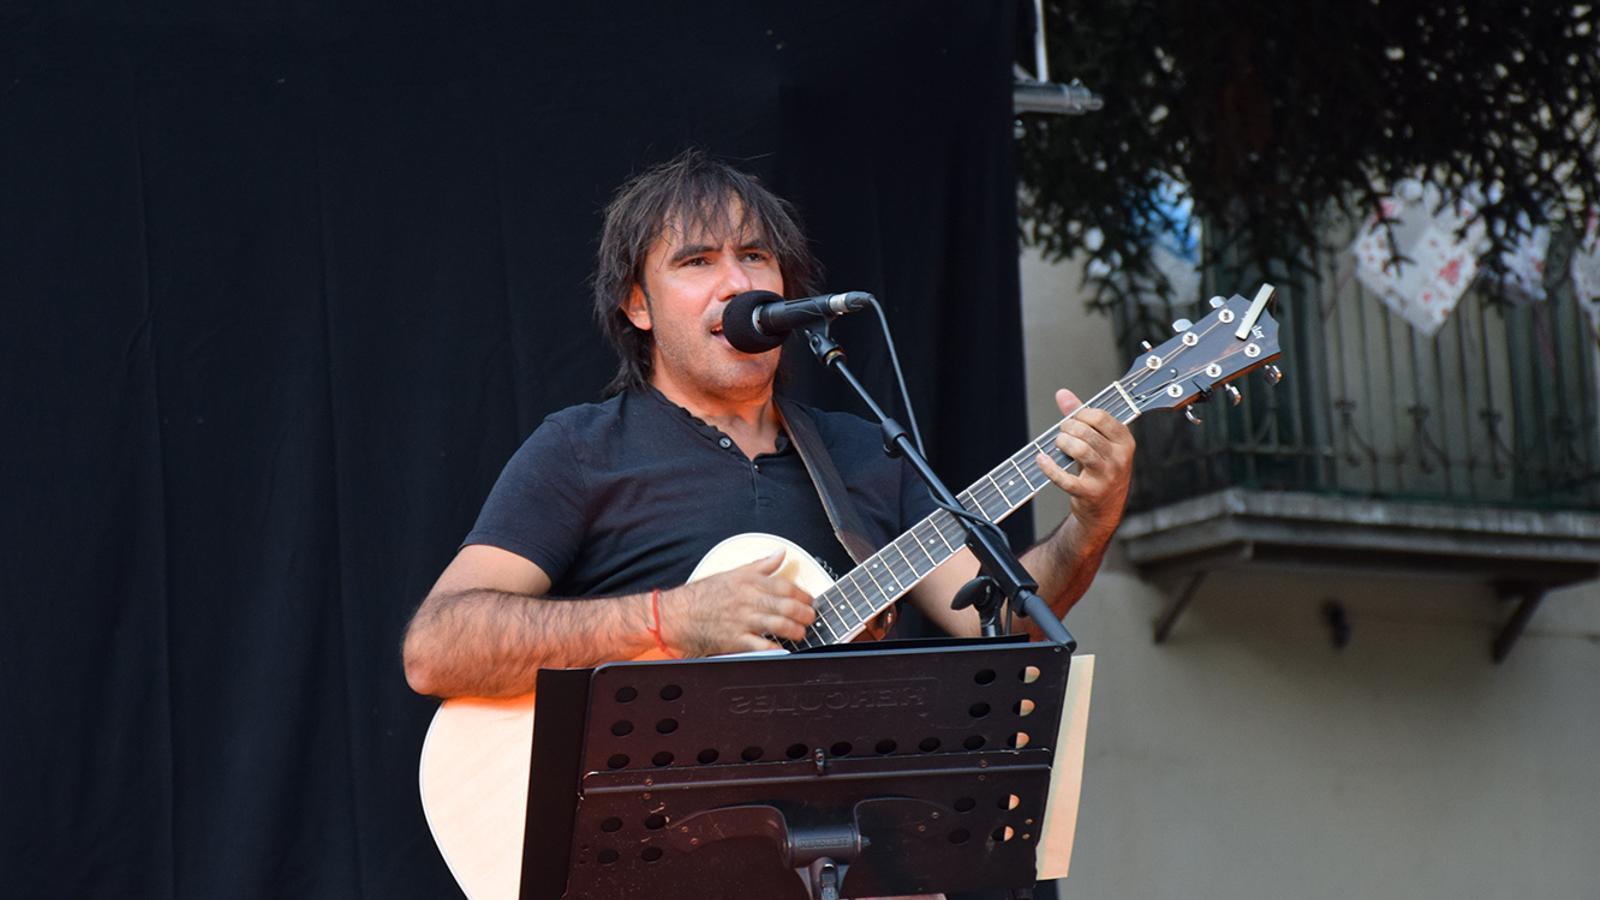 El cantautor Patxi Leiva durant la seva actuació a Encamp. / M. F. (ANA)